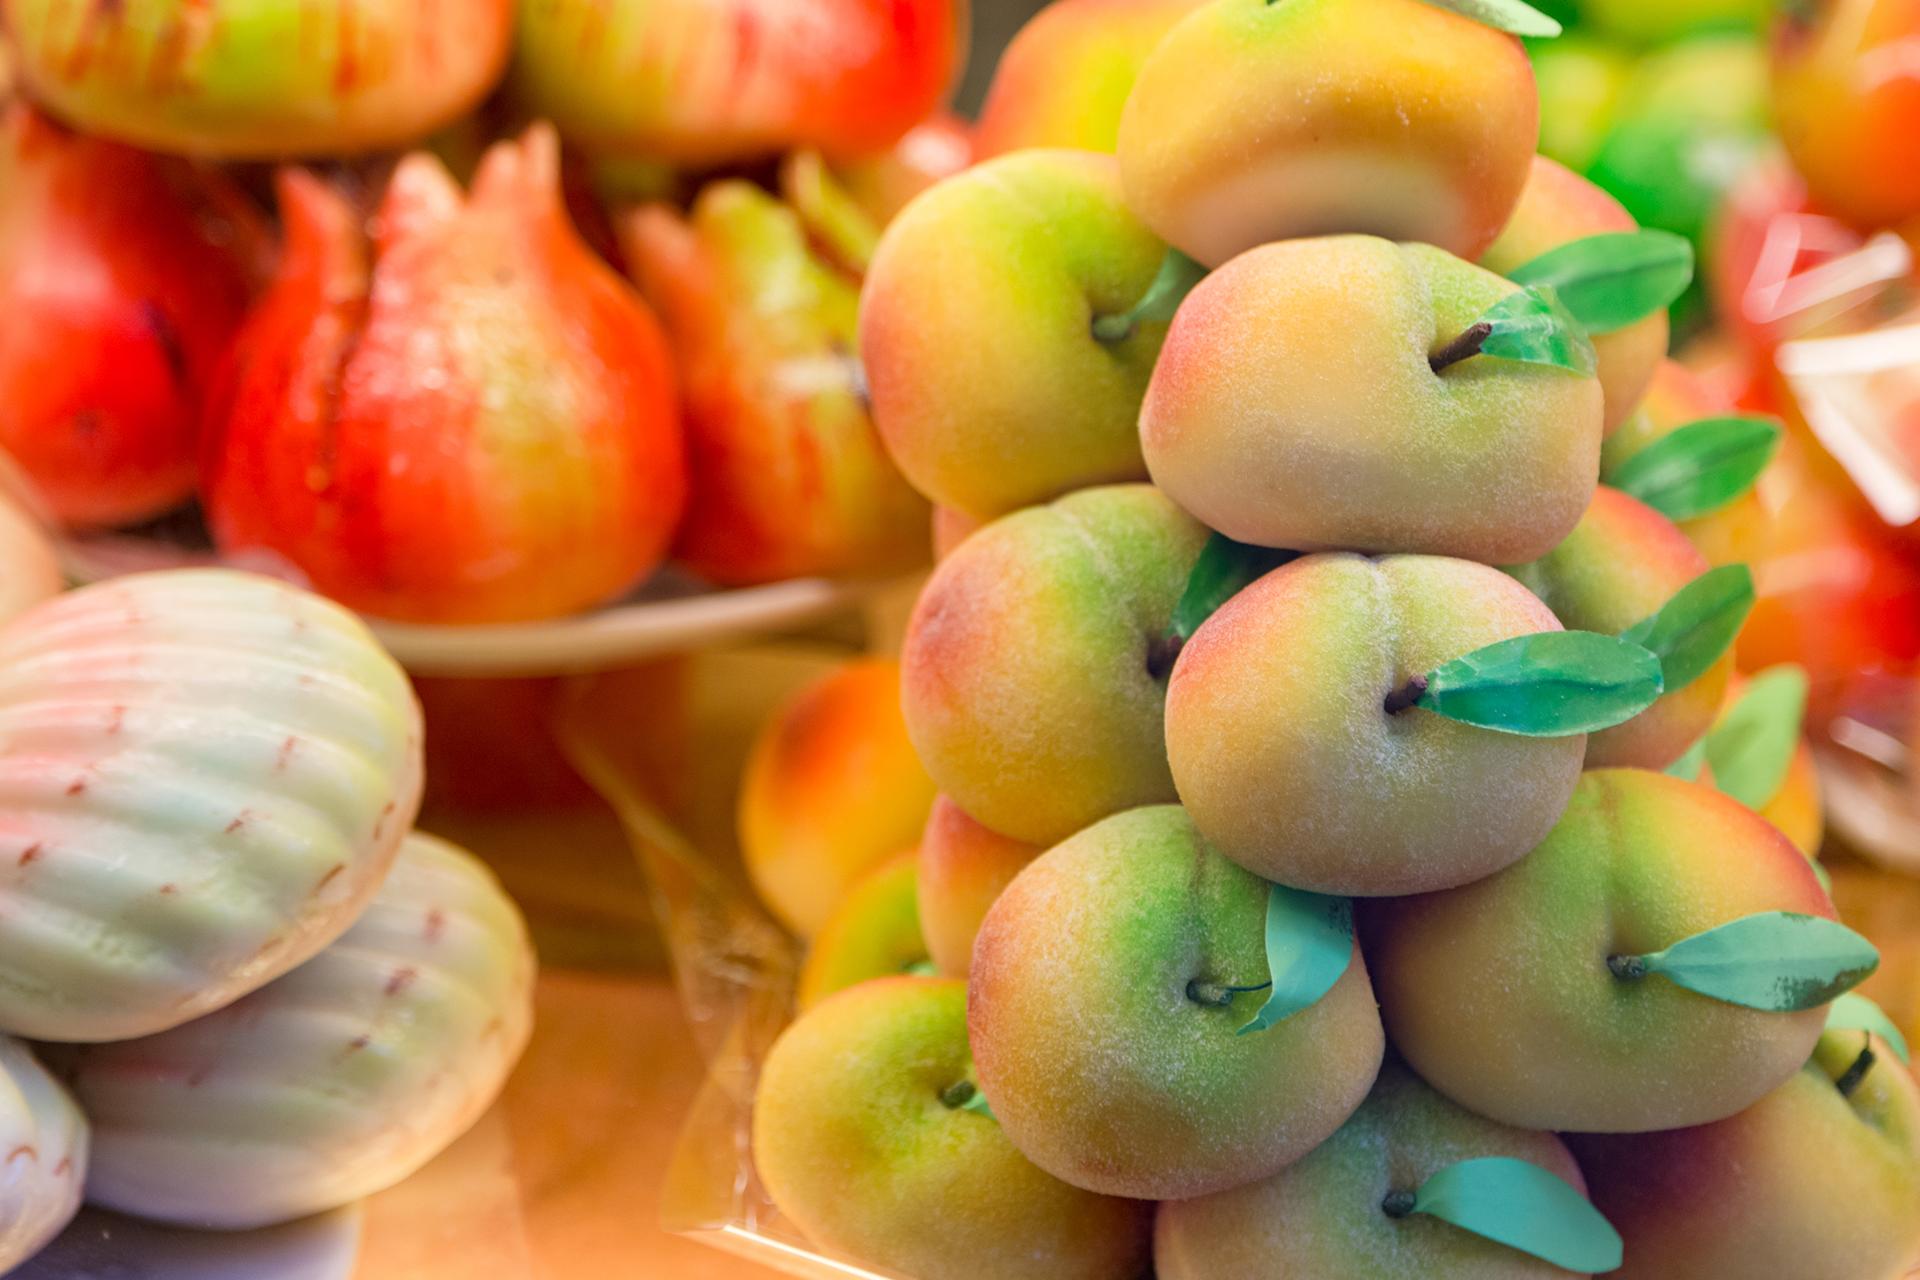 Los coloridos dulces de mazapán del emblemático mercado de comida de Barcelona, La Boquería, son uno de los preferidos de grandes y chicos